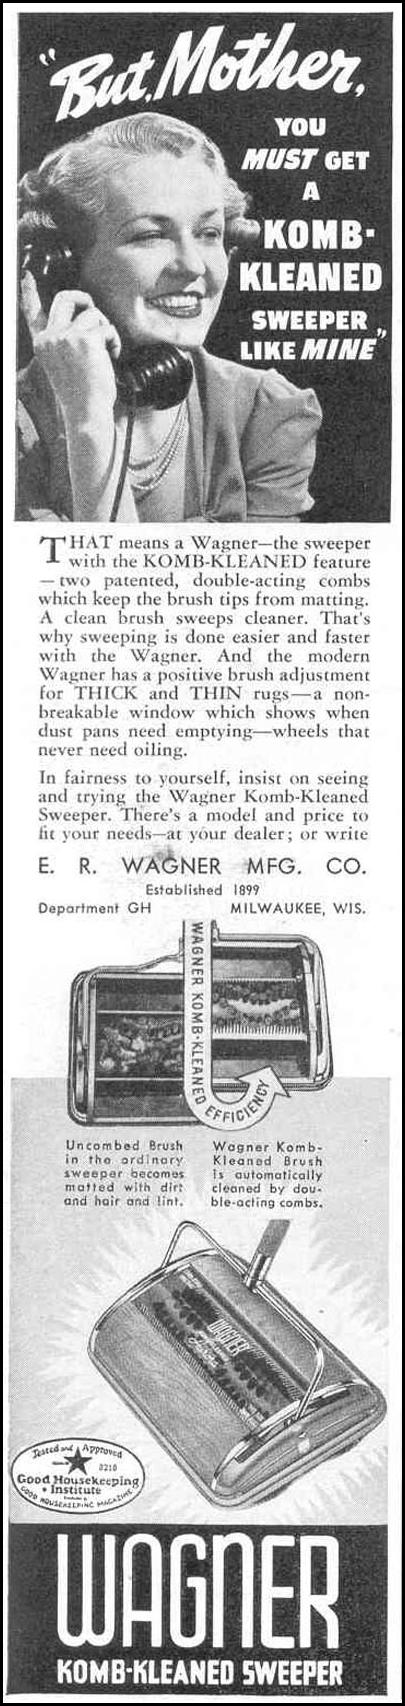 WAGNER KOMB-KLEENED SWEEPER GOOD HOUSEKEEPING 03/01/1940 p. 178